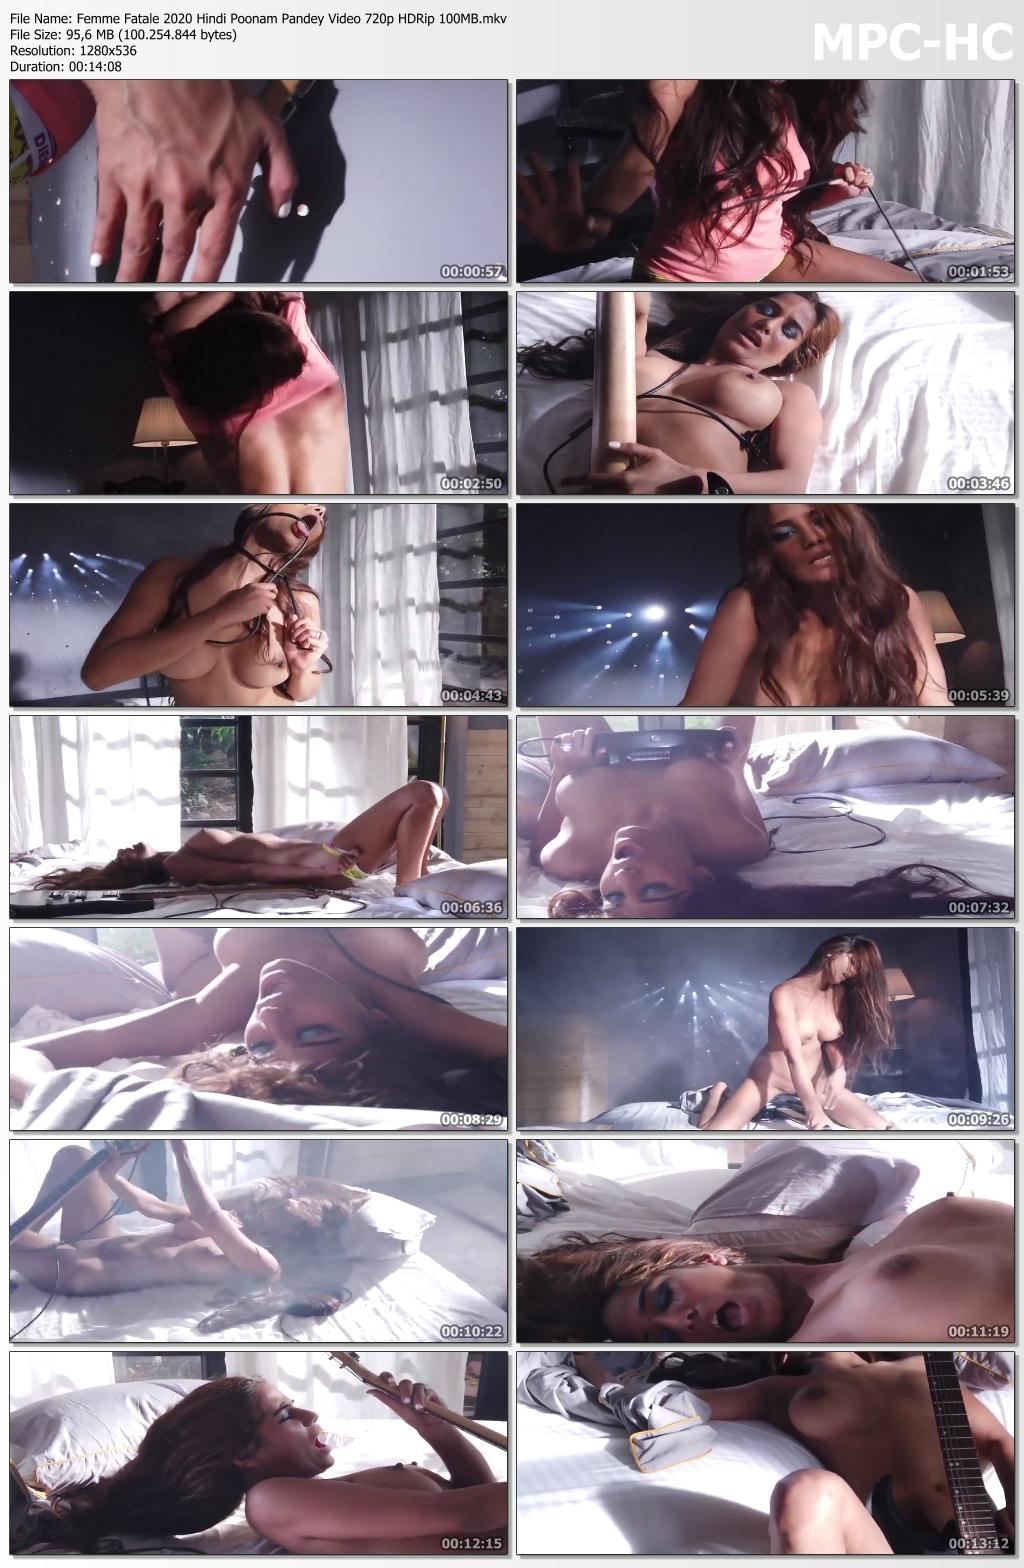 Femme-Fatale-2020-Hindi-Poonam-Pandey-Video-720p-HDRip-100-MB-mkv-thumbs